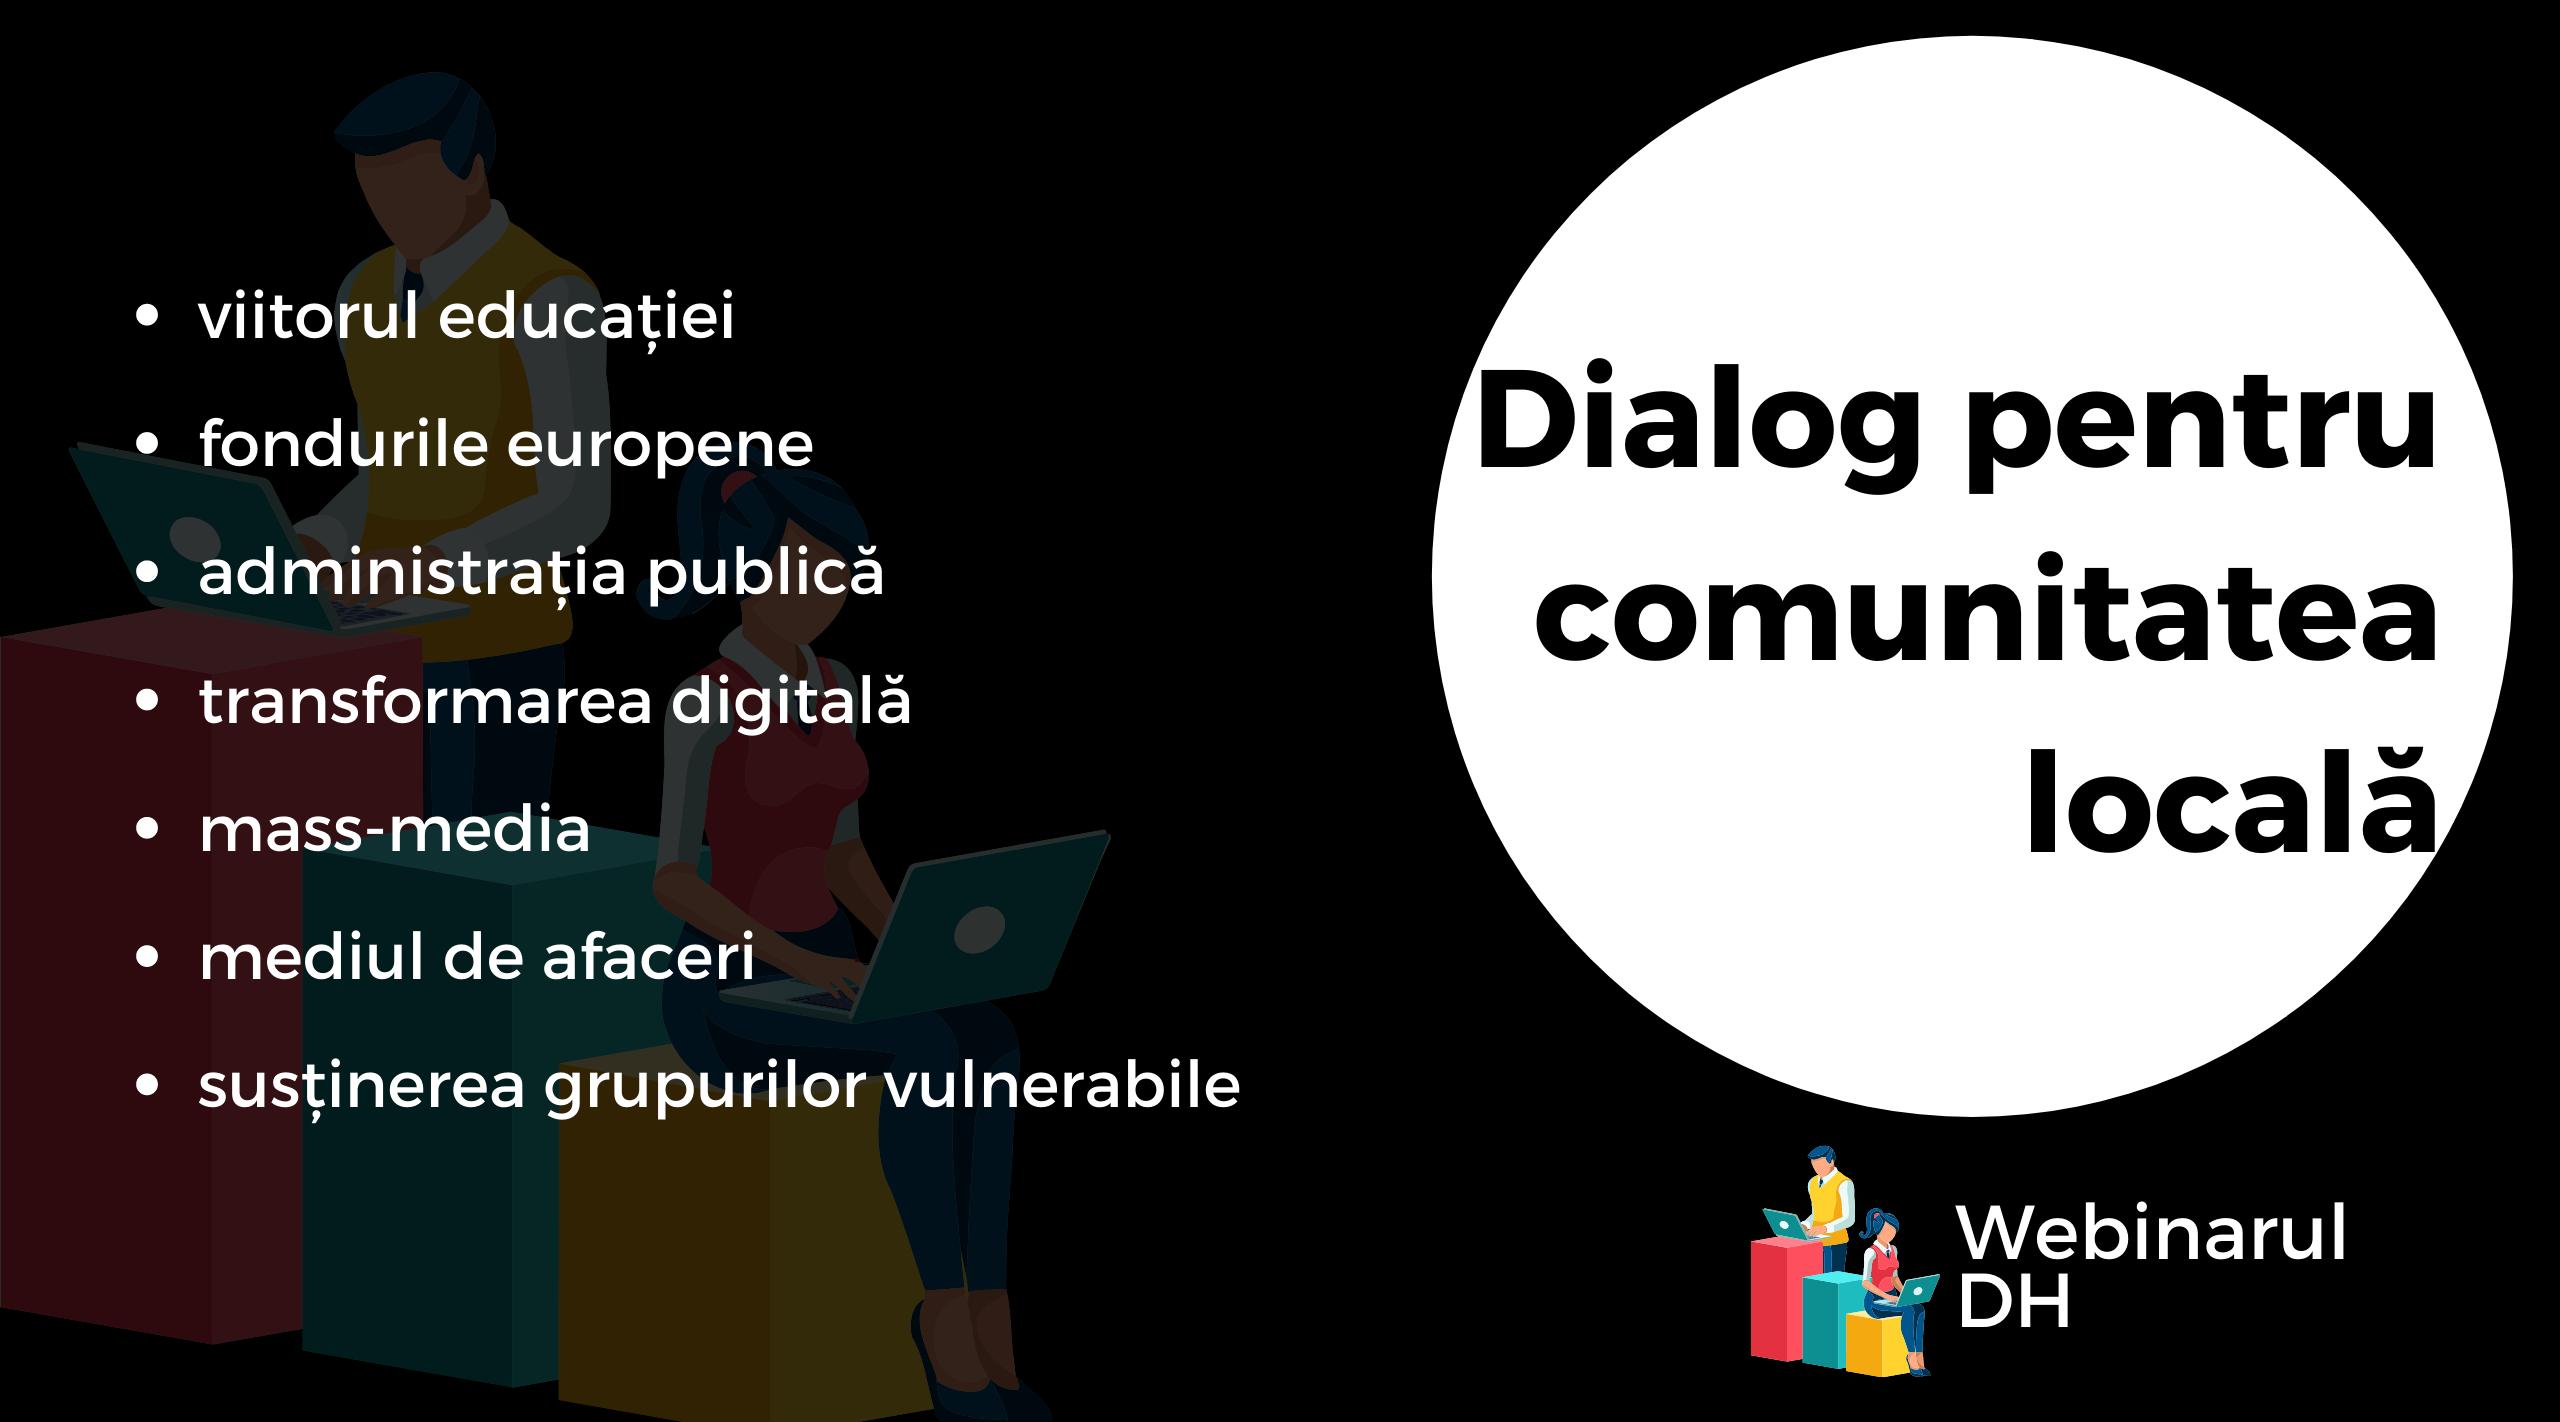 Lansăm WebinarulDH, un nou program al Asociației District Hub, pentru transferul de expertiză către comunitatea locală